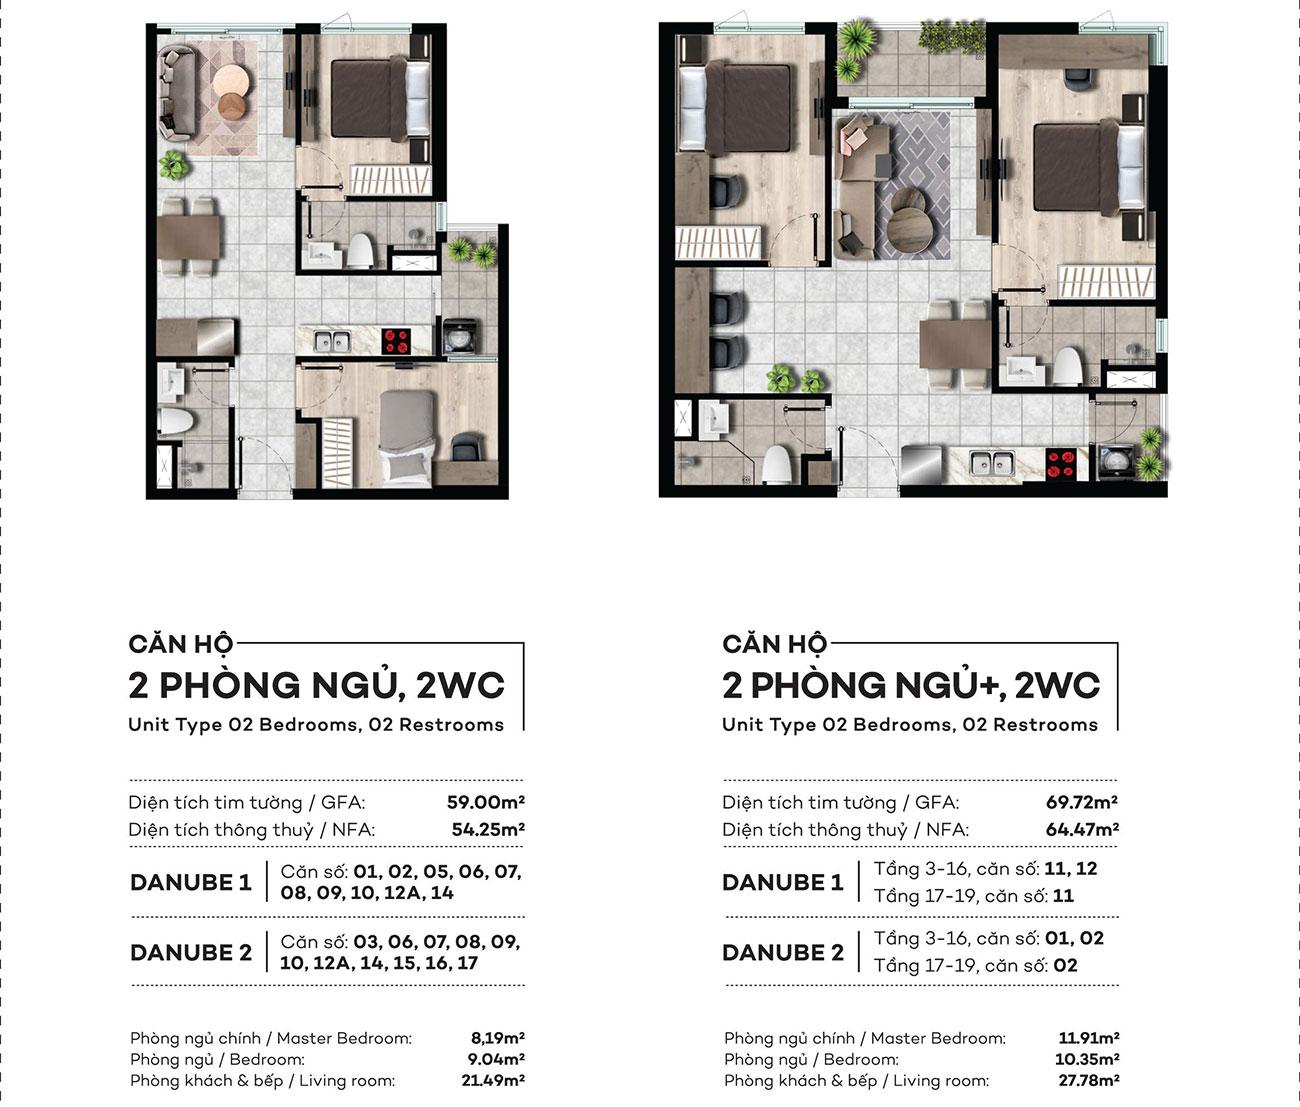 Thiết kế chi tiết căn hộ 2PN,2WC dự án West Gate Bình Chánh – Liên hệ 0942.098.890 nhận báo giá căn hộ này